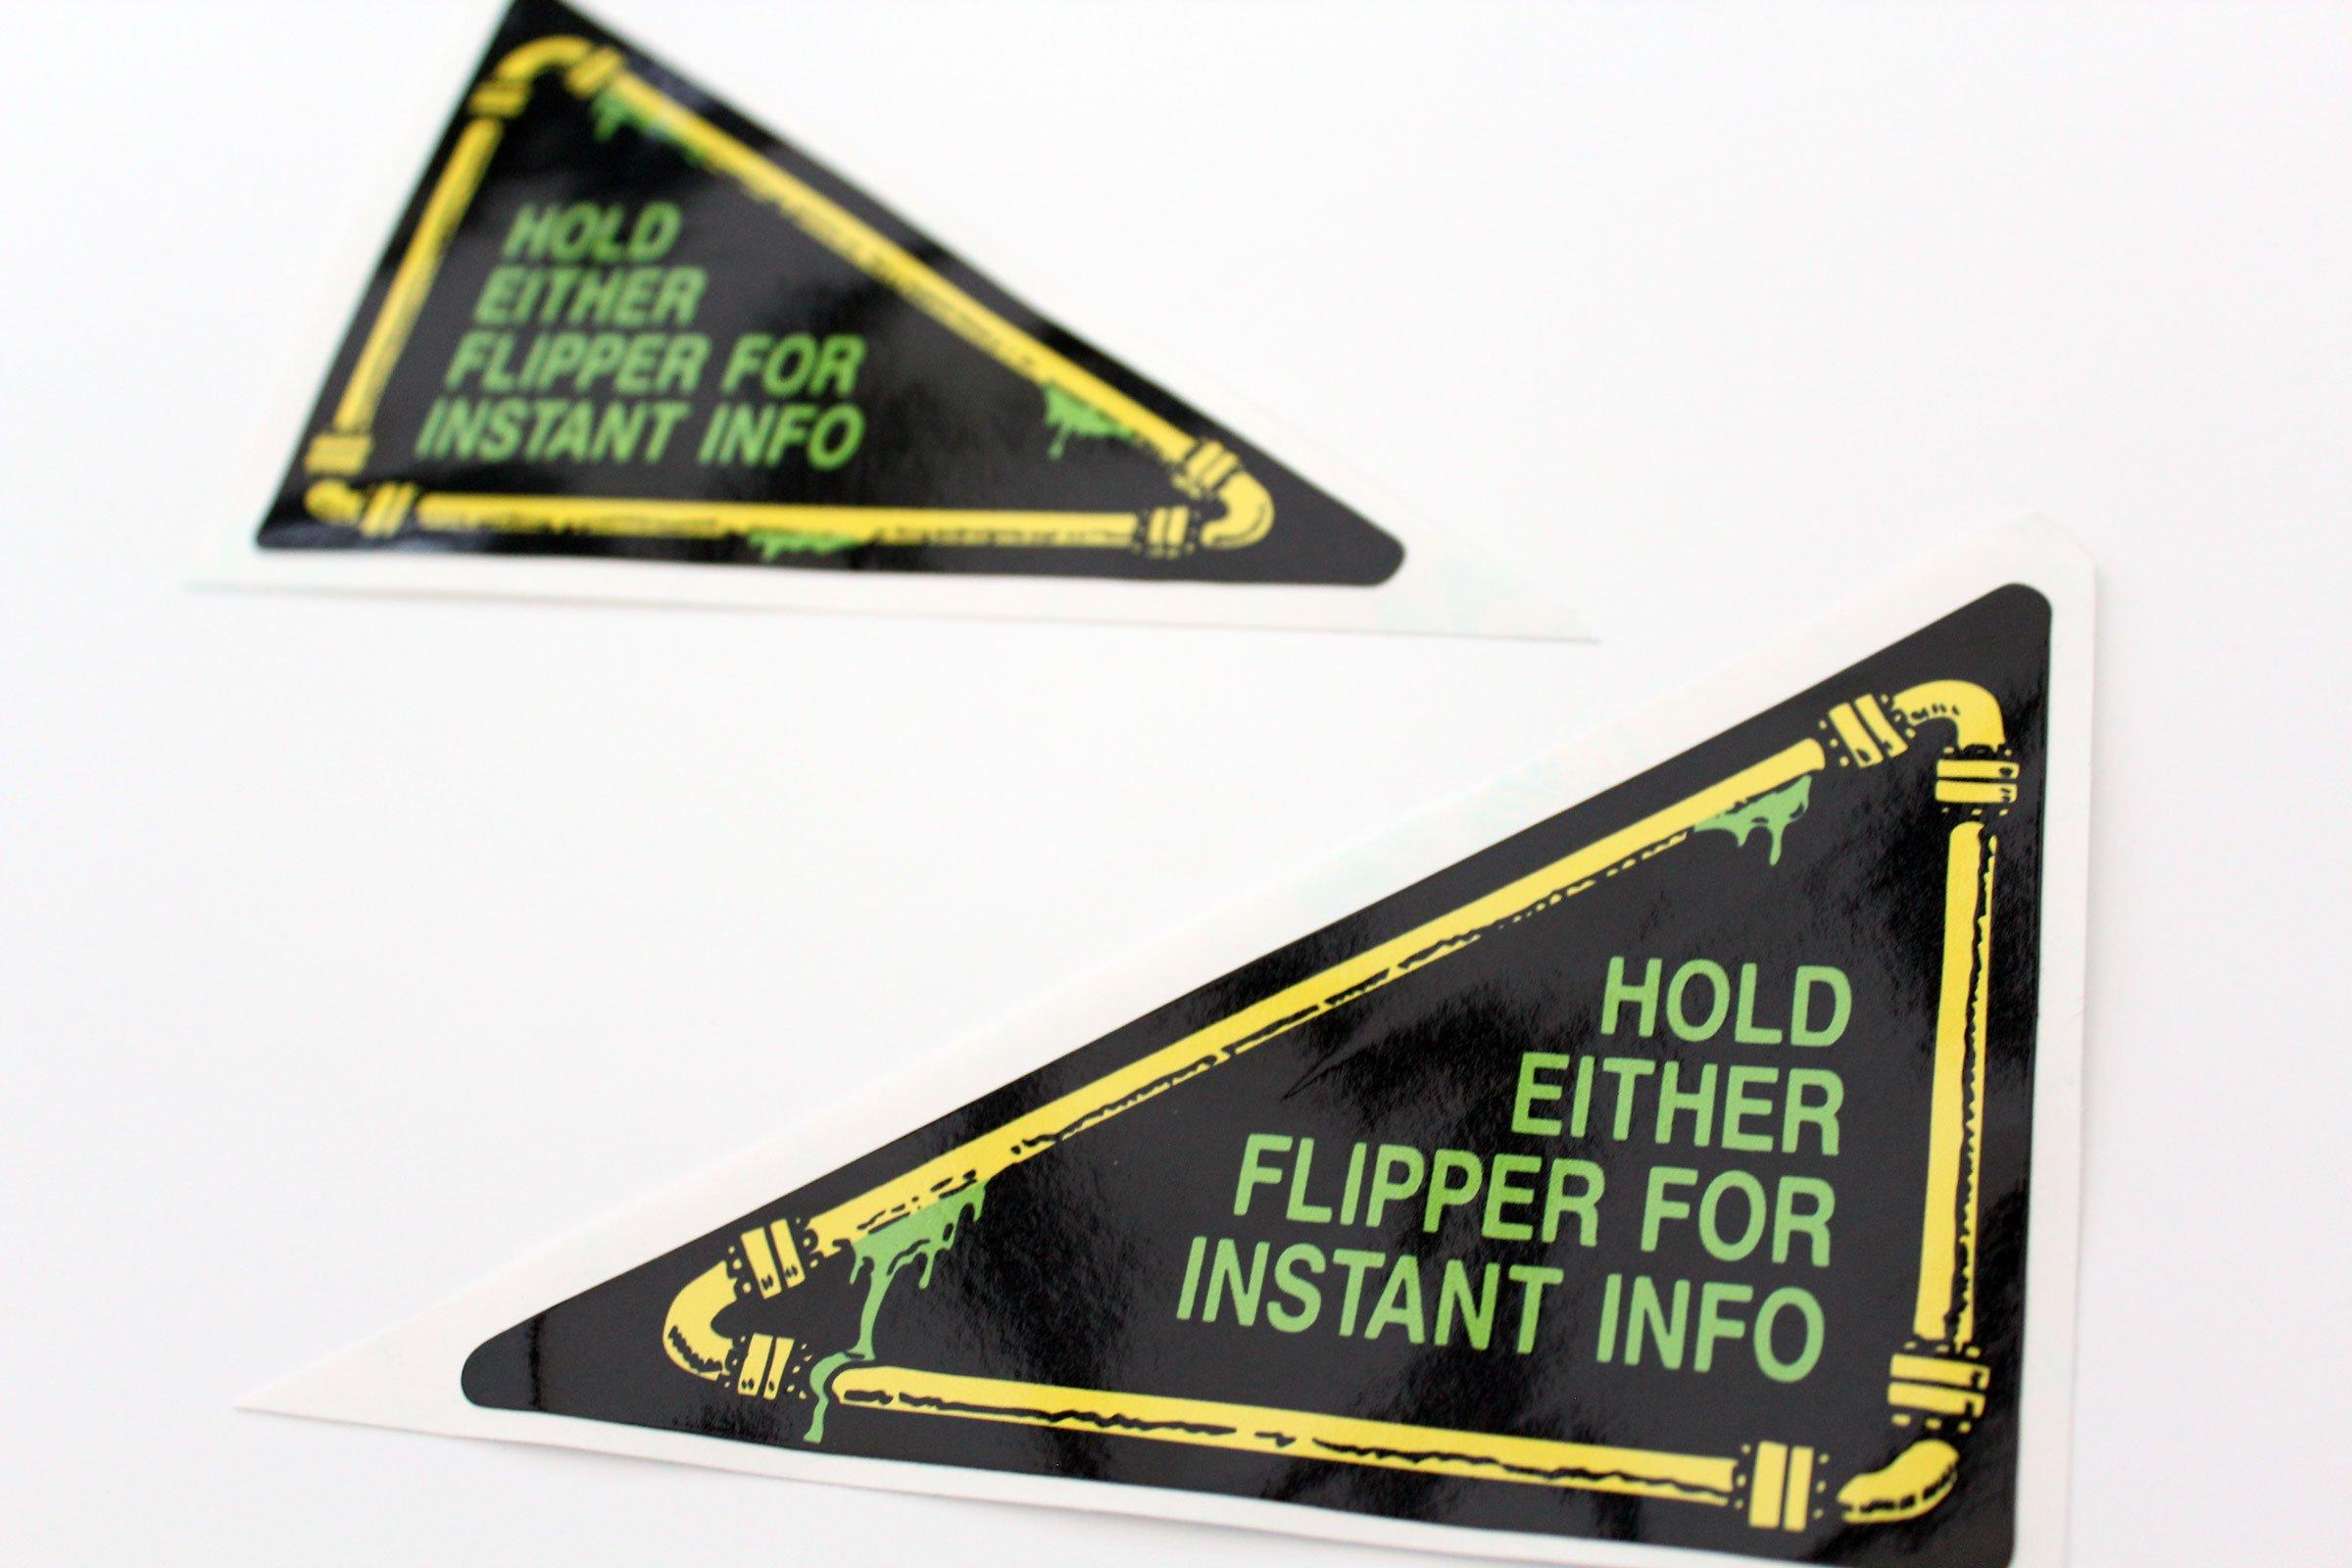 Teenage Mutant Ninja Turtles Pinball Flipper Apron Decals Stickers 02